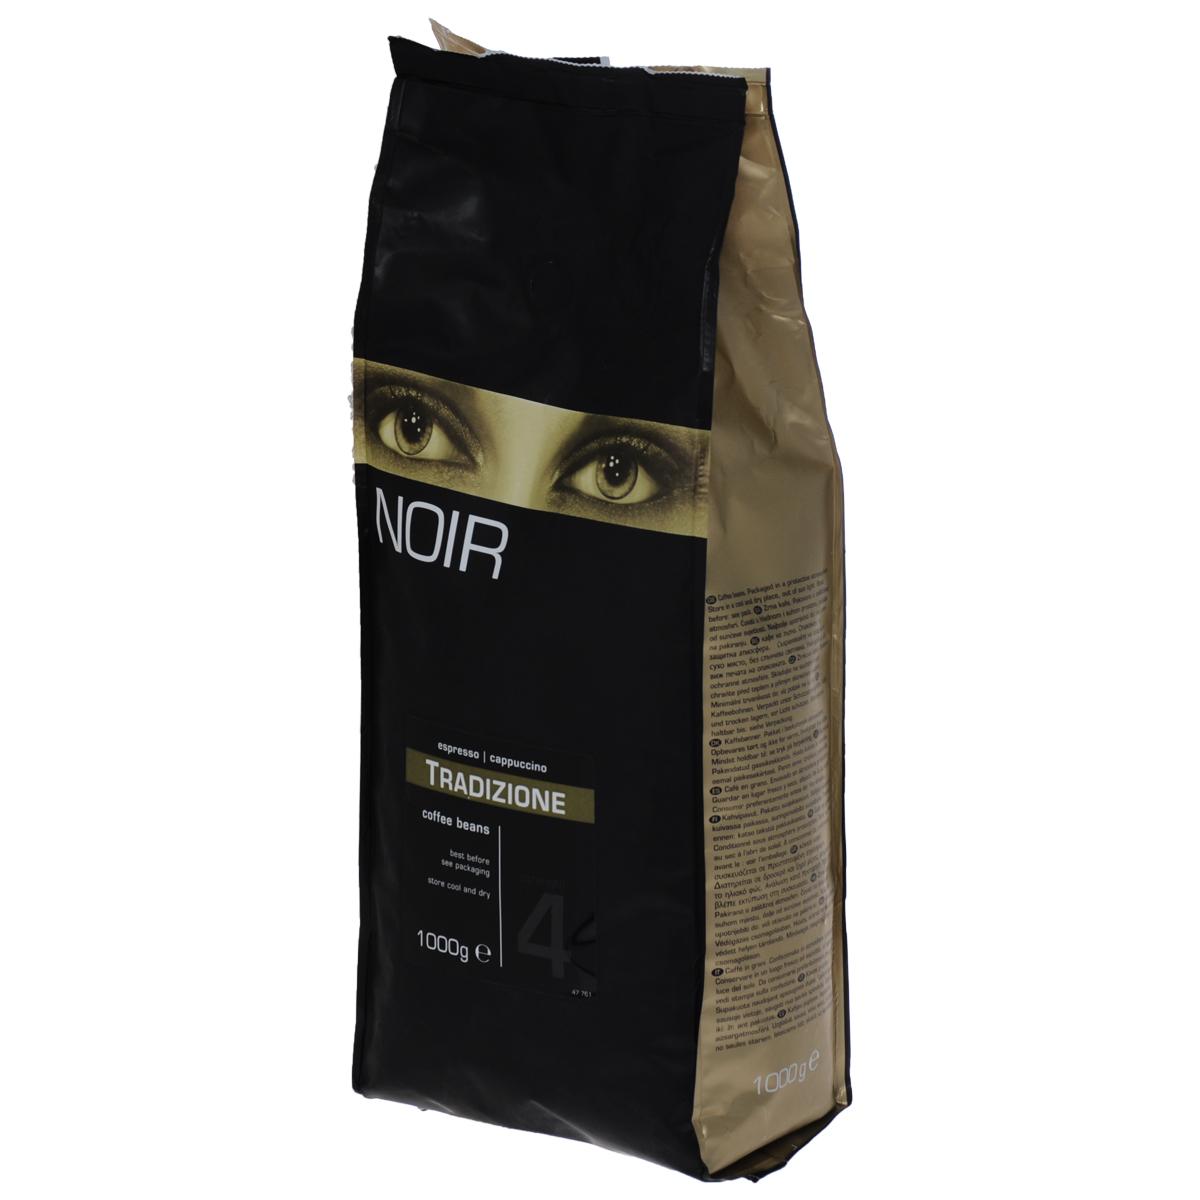 Noir Tradizion кофе в зернах, 1 кг0120710Noir Tradizion - богатый, насыщенный темно-обжаренный кофе. Теплые пряные ароматы дополняют изумительный вкус. Tradizione – это настоящая классика.